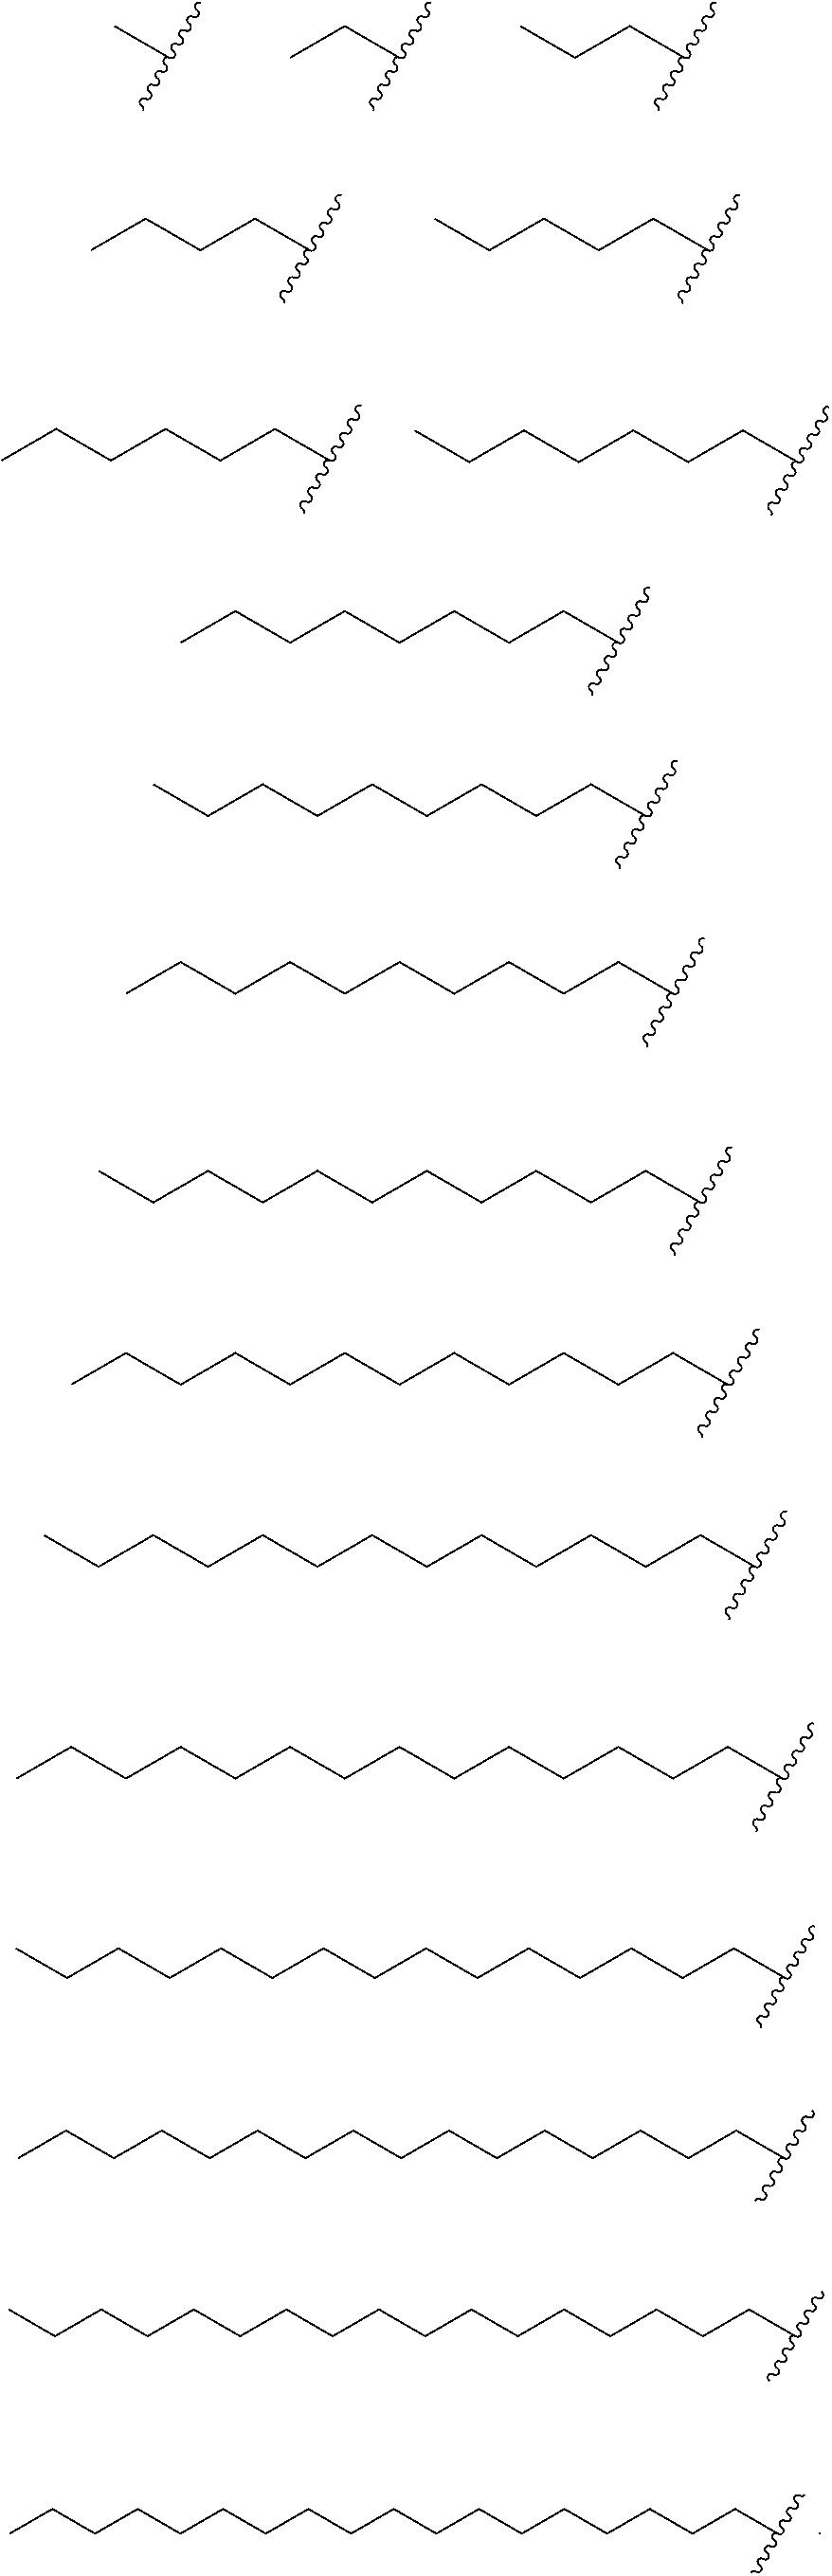 Figure US08969353-20150303-C00213